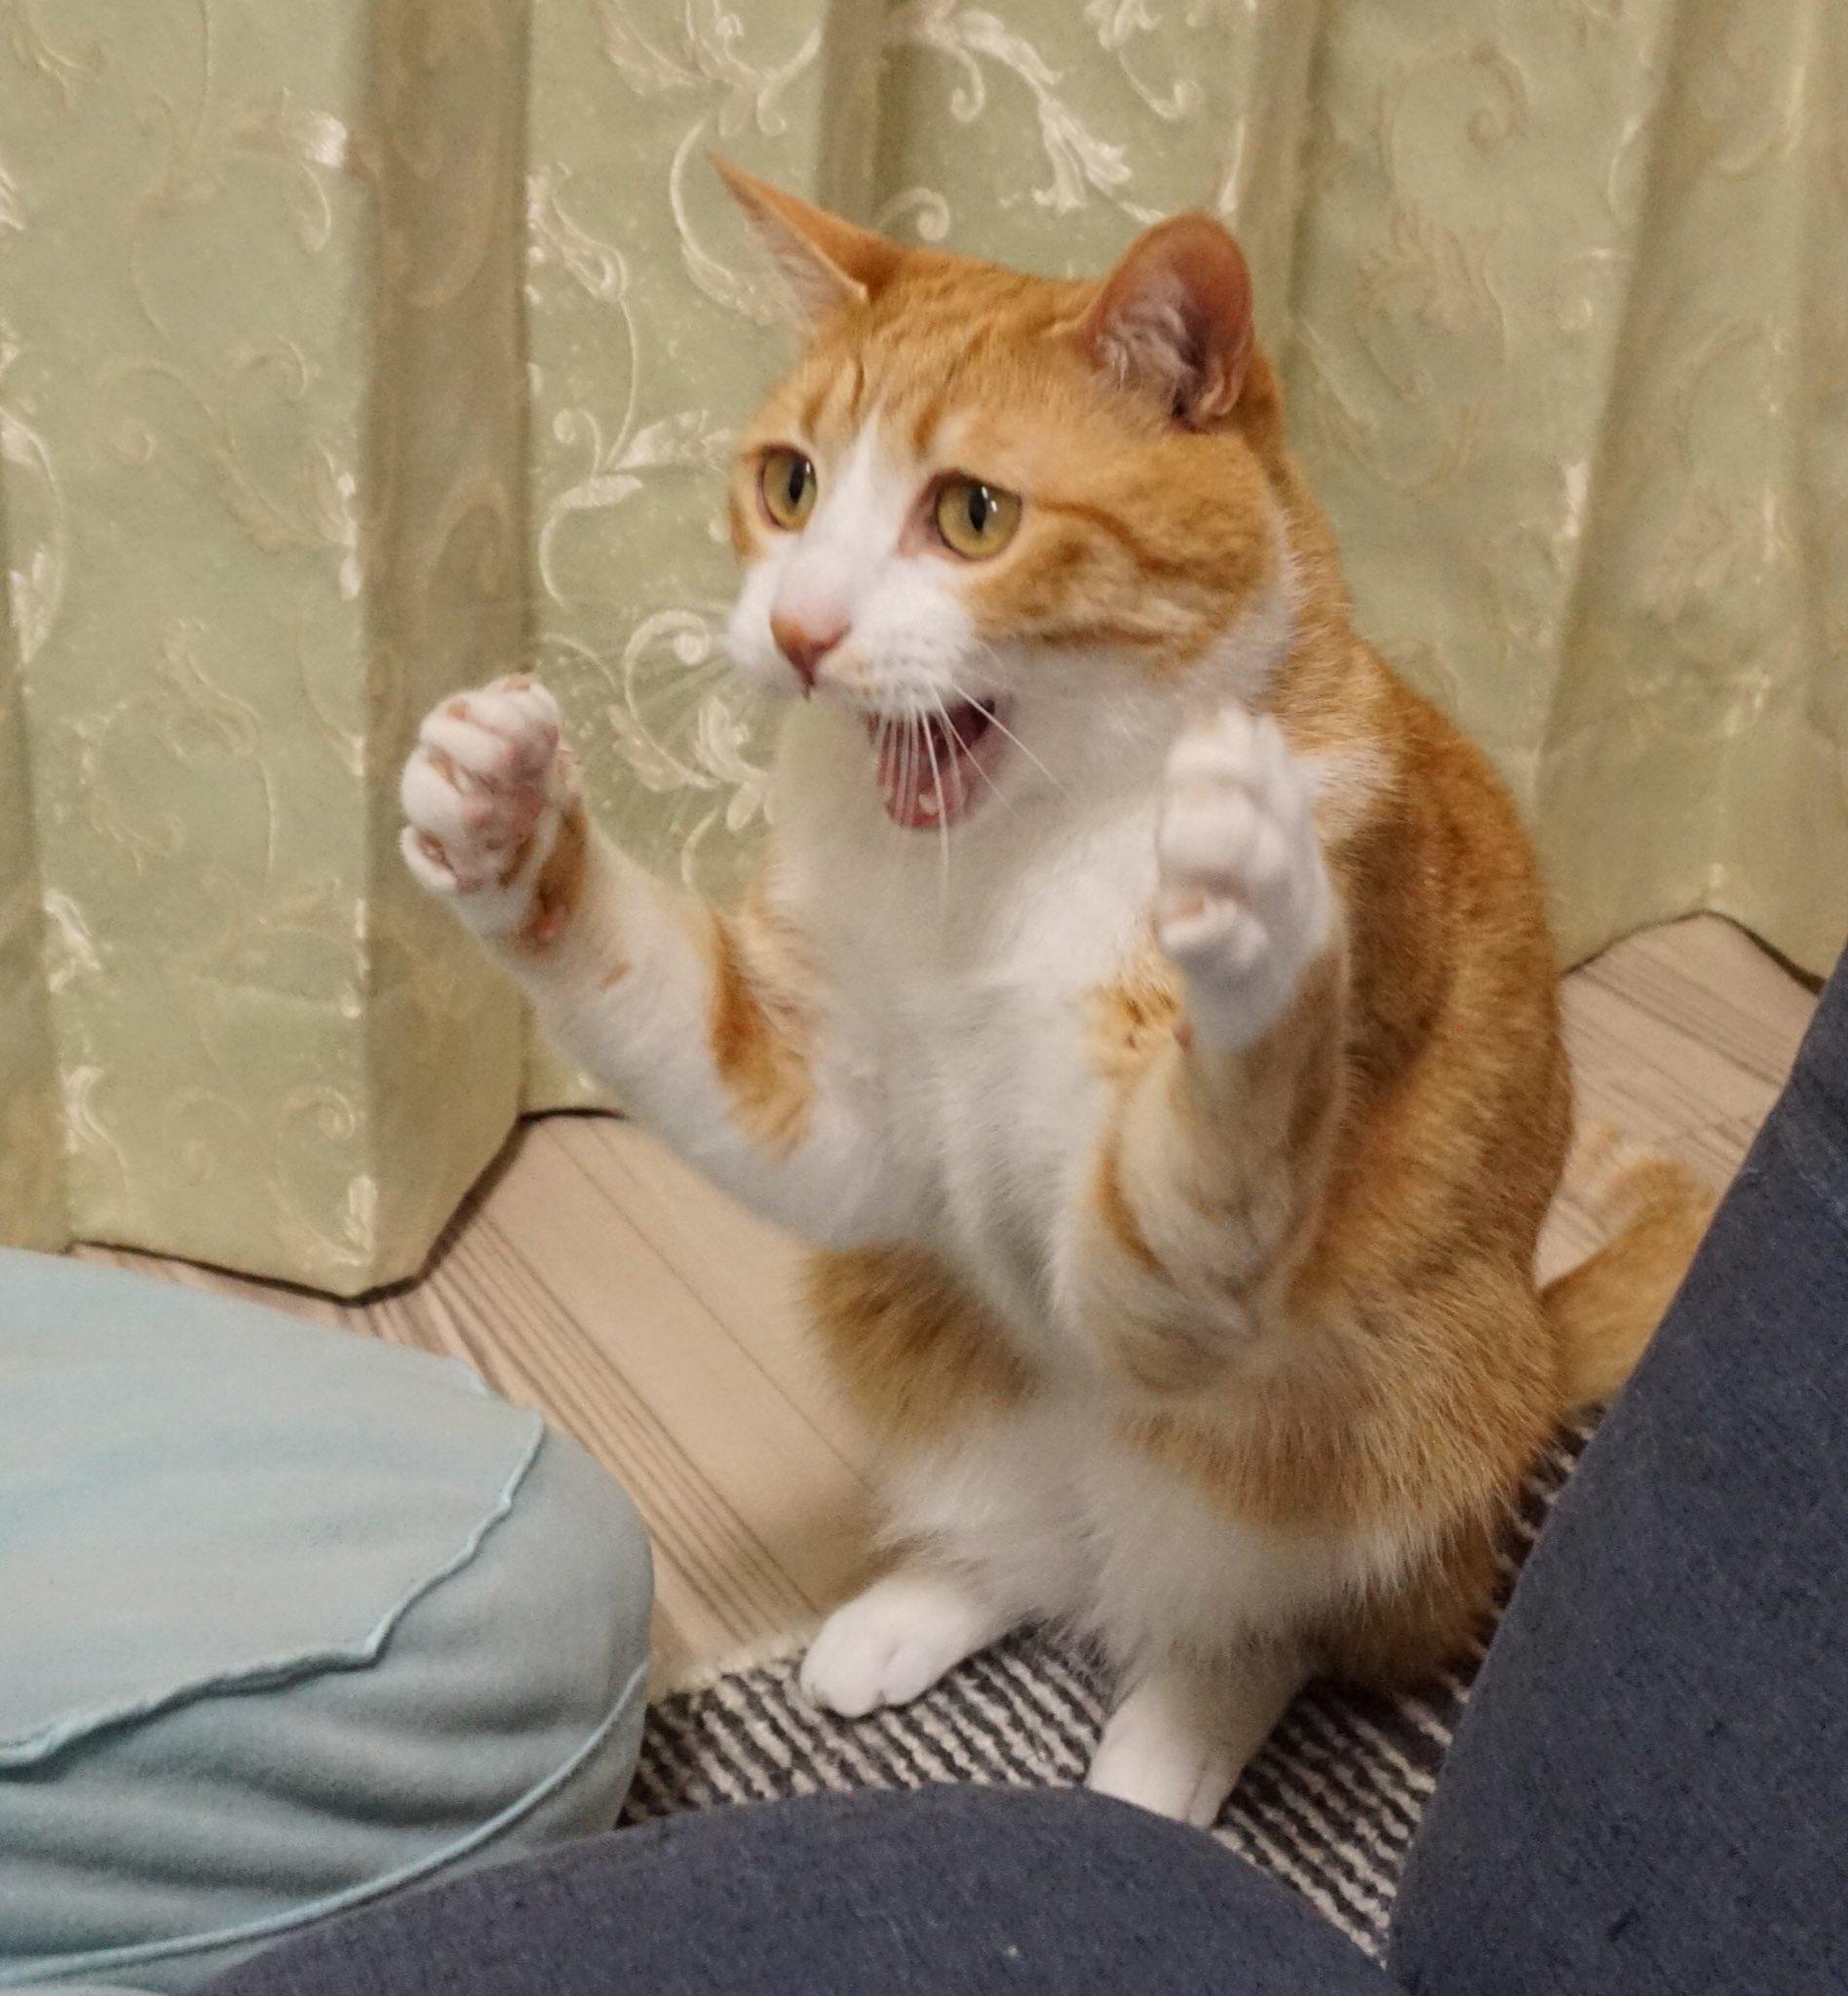 猫パンチの奥義を伝授する名トレーナーあらわる